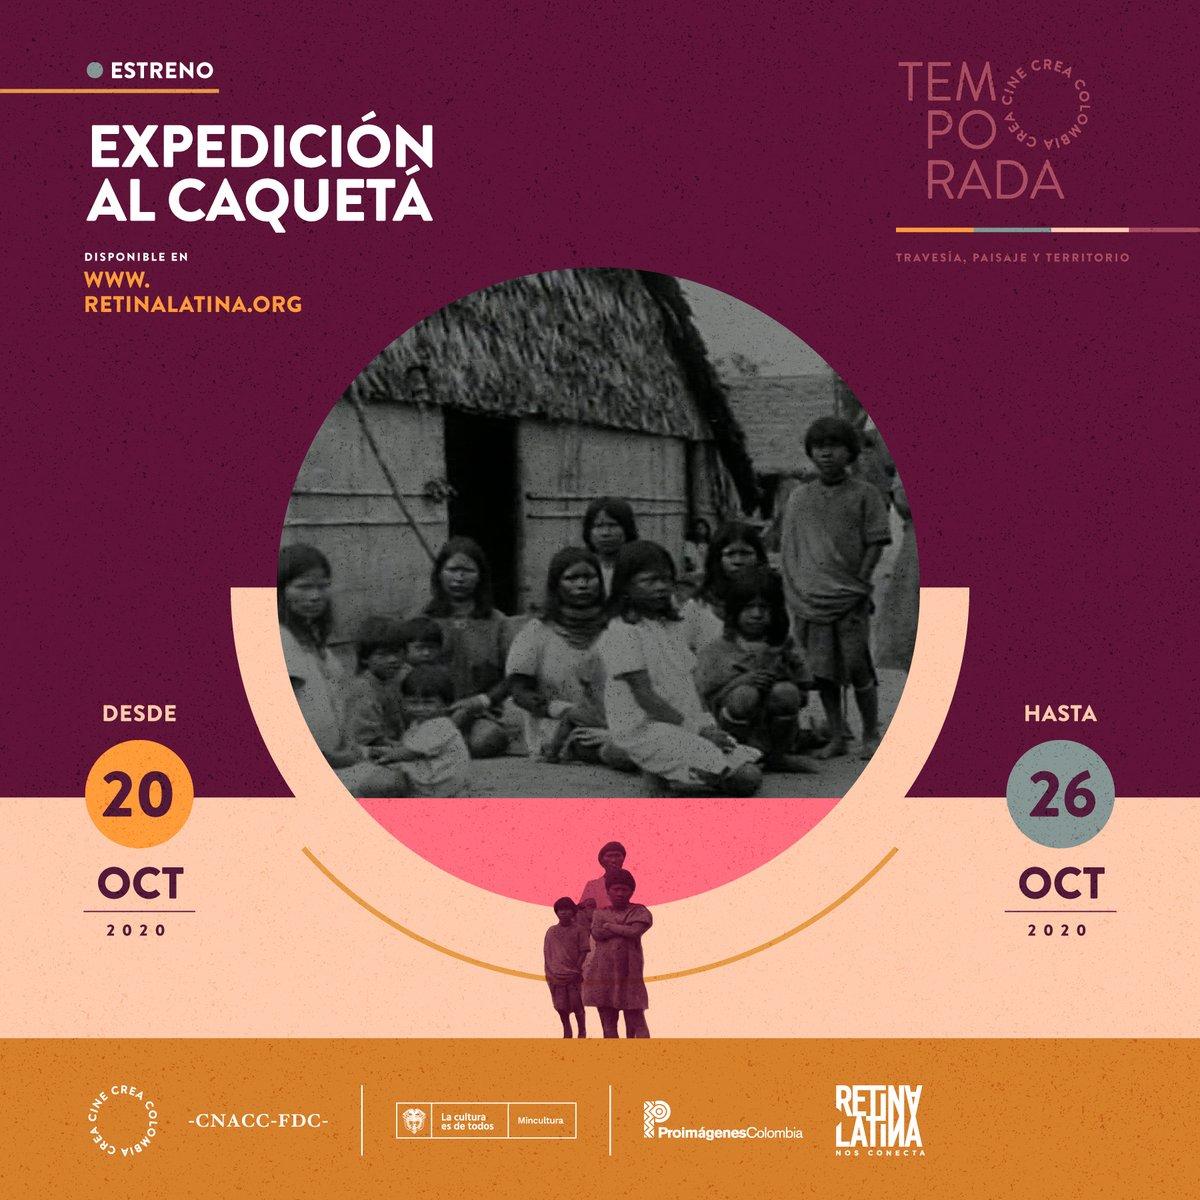 #CineColombiano En el marco de la temporada #CineCreaColombia podrás ver online y de manera gratuita, hasta el 26 de octubre, el documental Expedición al Caquetá (1930-1931), filmado por César Uribe Piedrahíta.  Disponible en: https://t.co/mjgx3XYa4C https://t.co/2lToLSwSvC